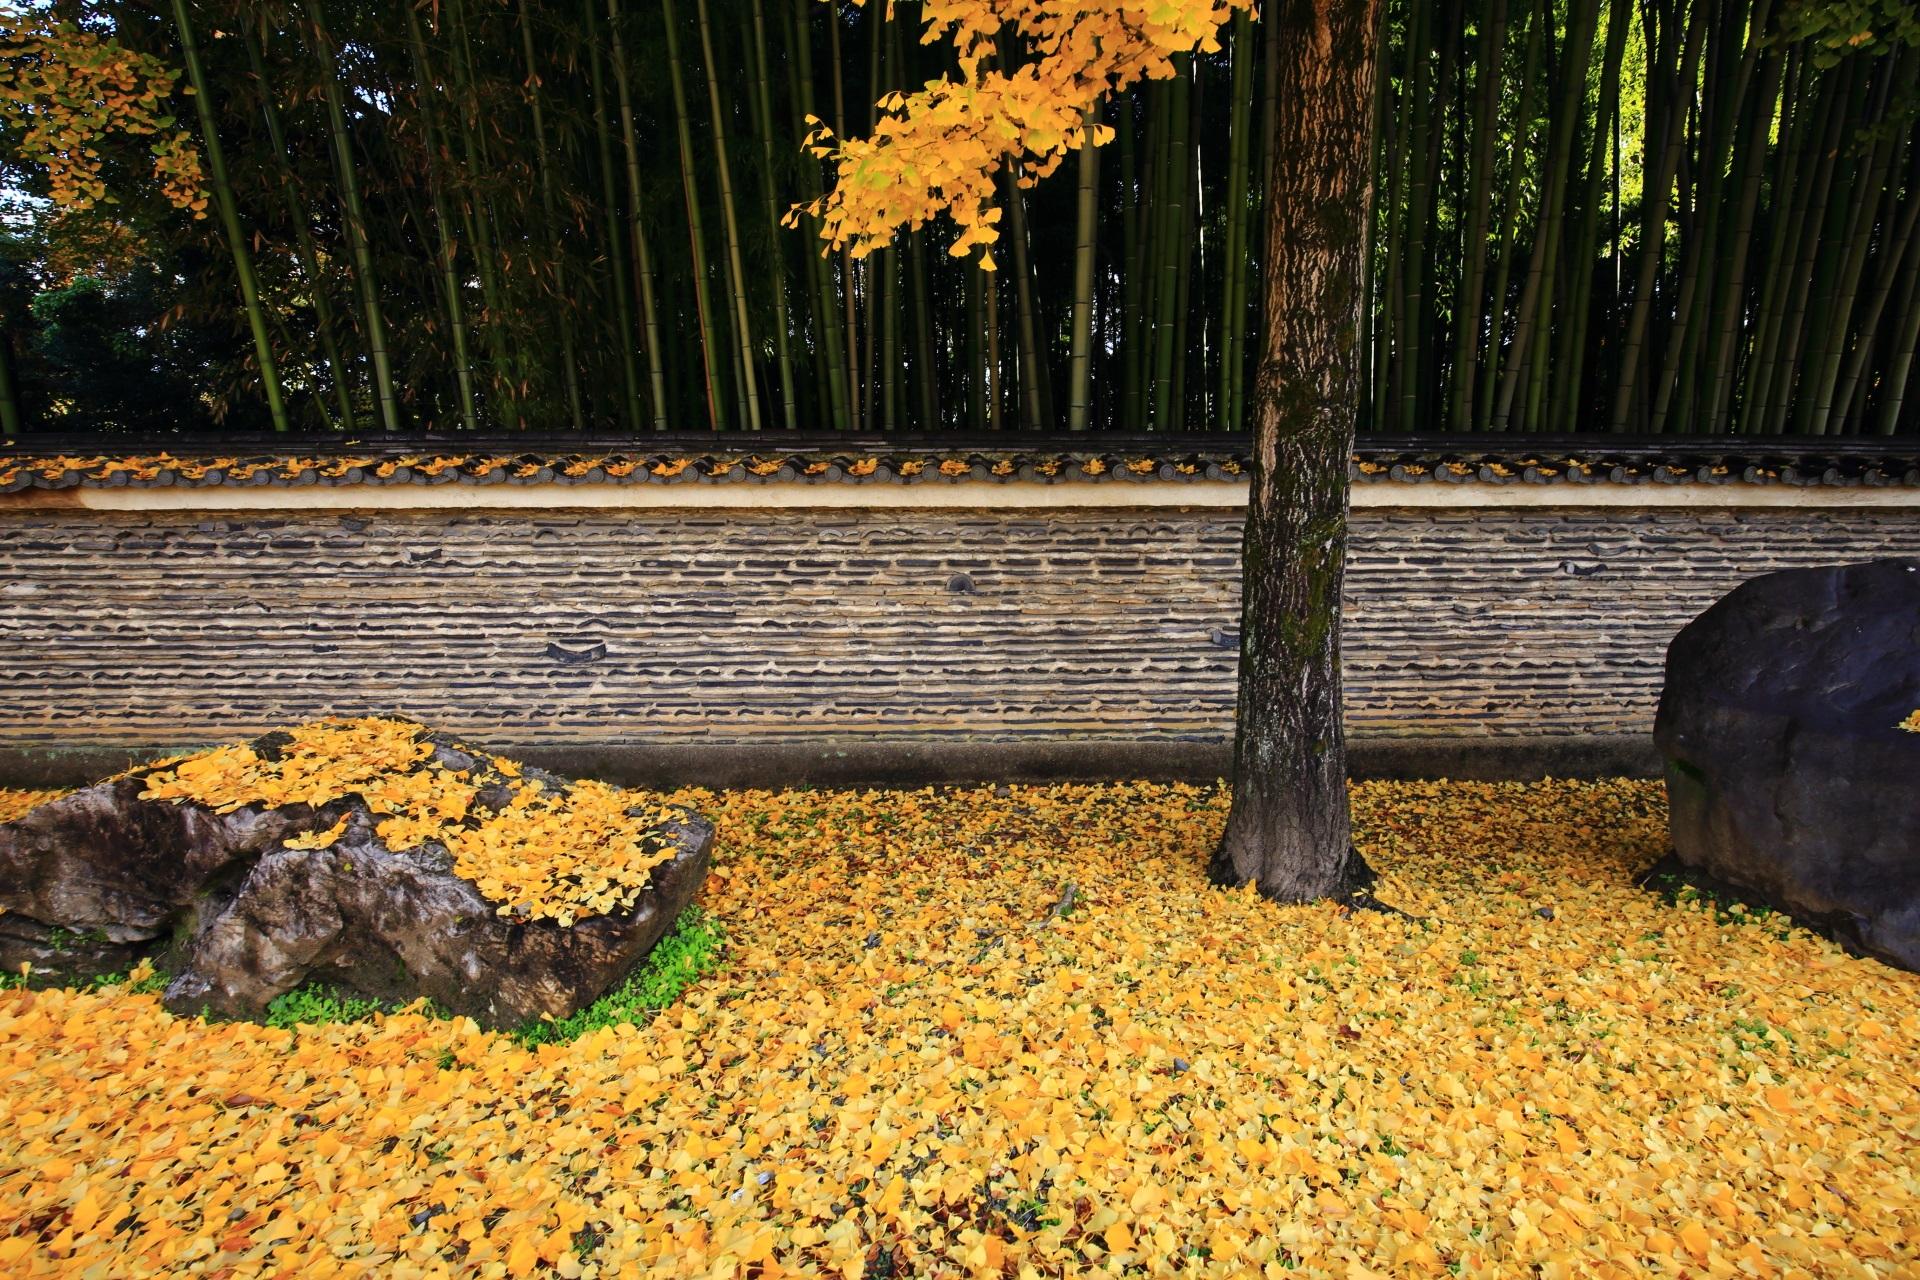 背景の土塀と竹林が演出する圧巻の散り銀杏